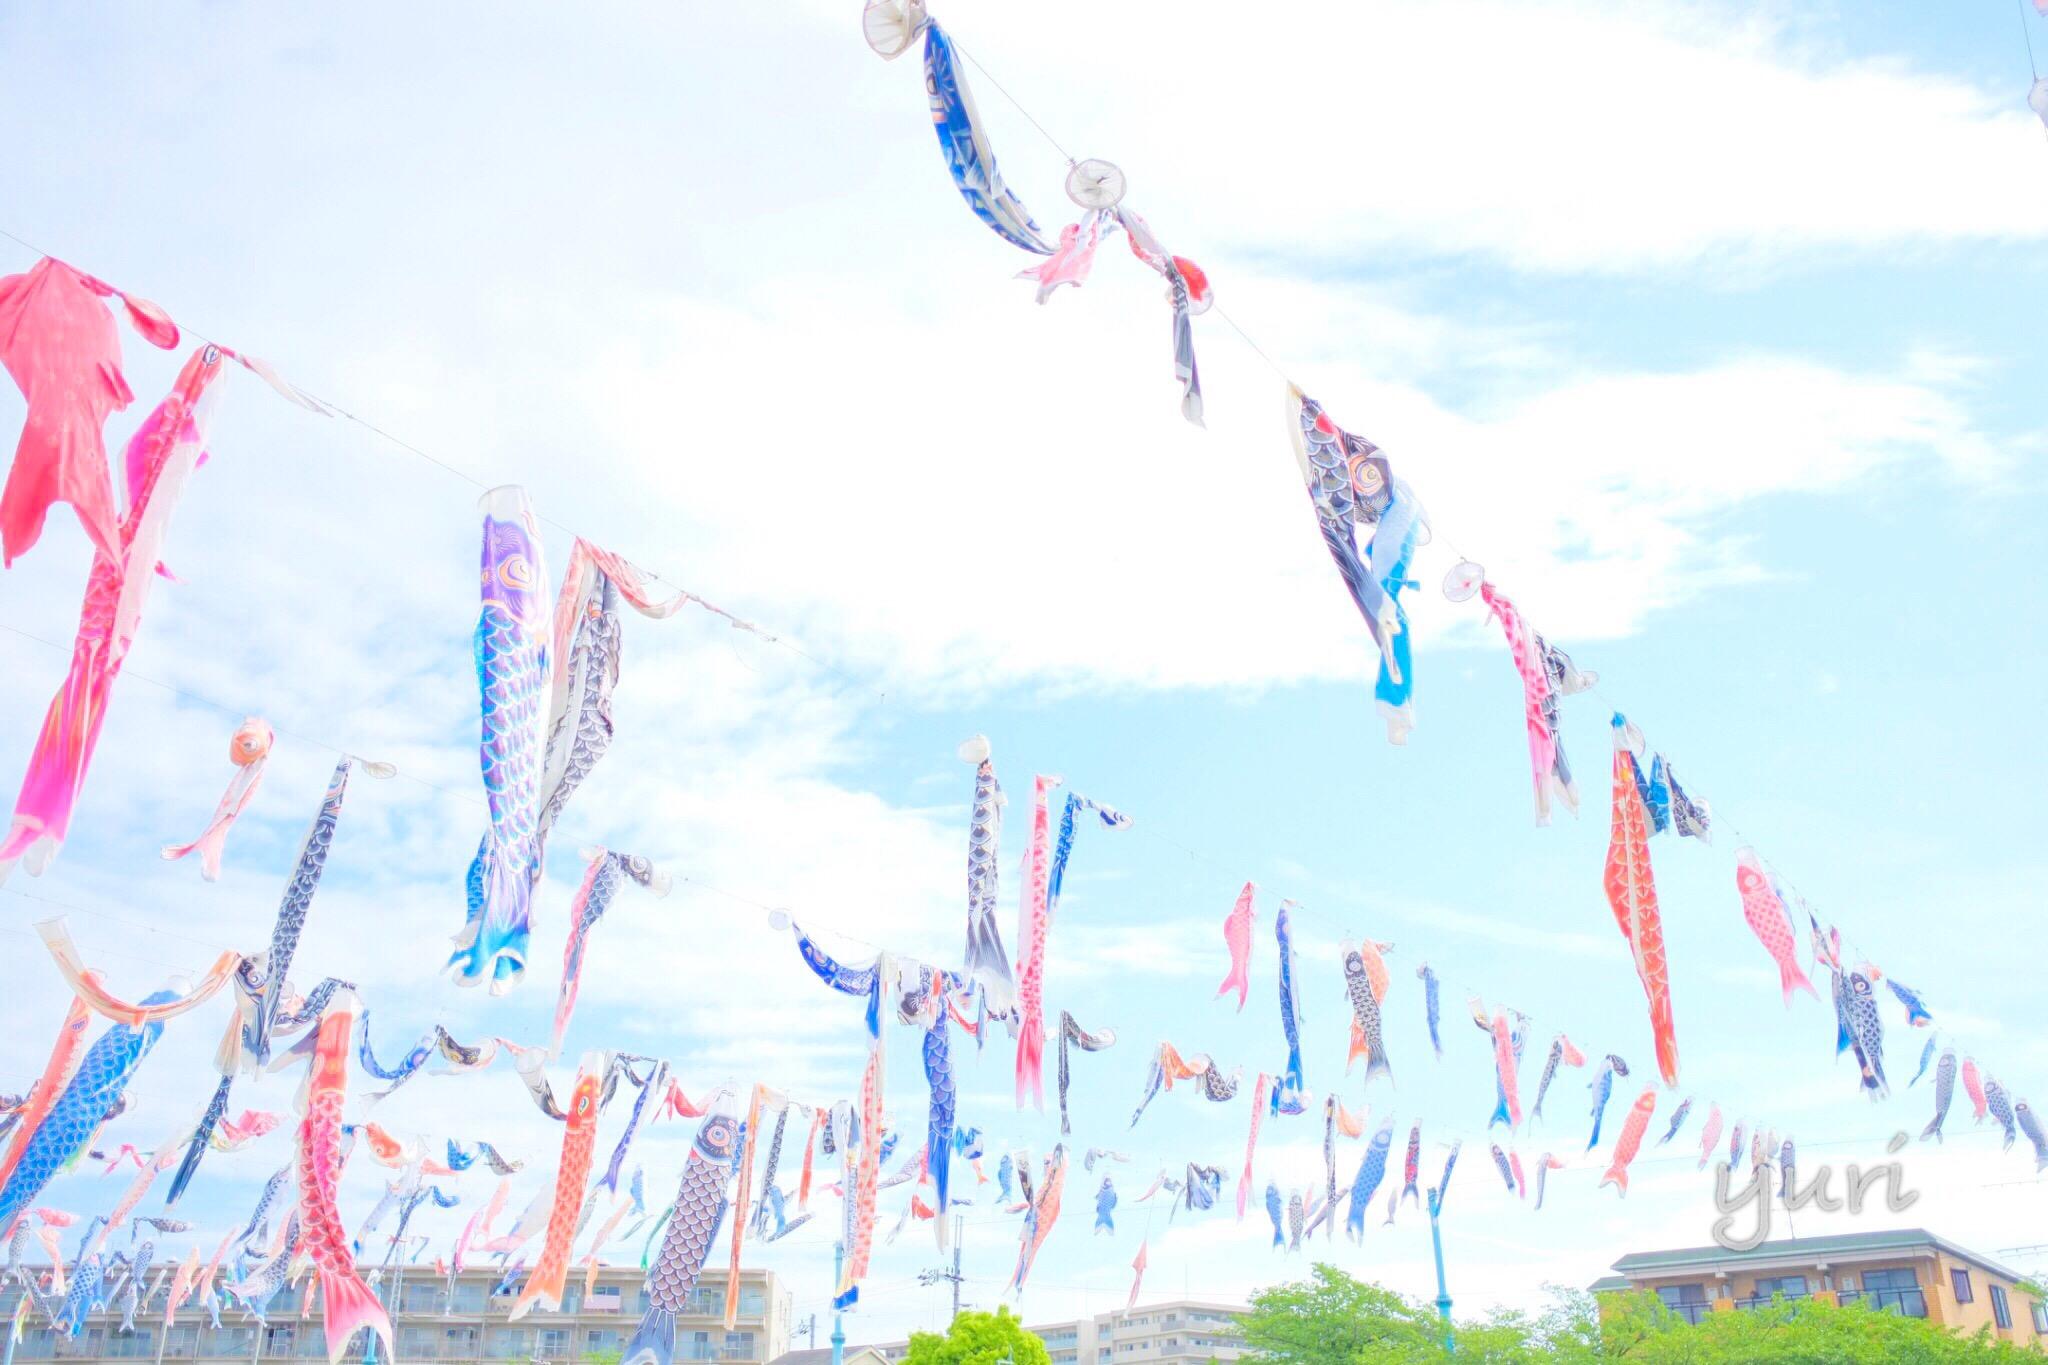 関西一フォトジェニックな鯉のぼりを撮れる場所「高槻こいのぼりフェスタ」へ